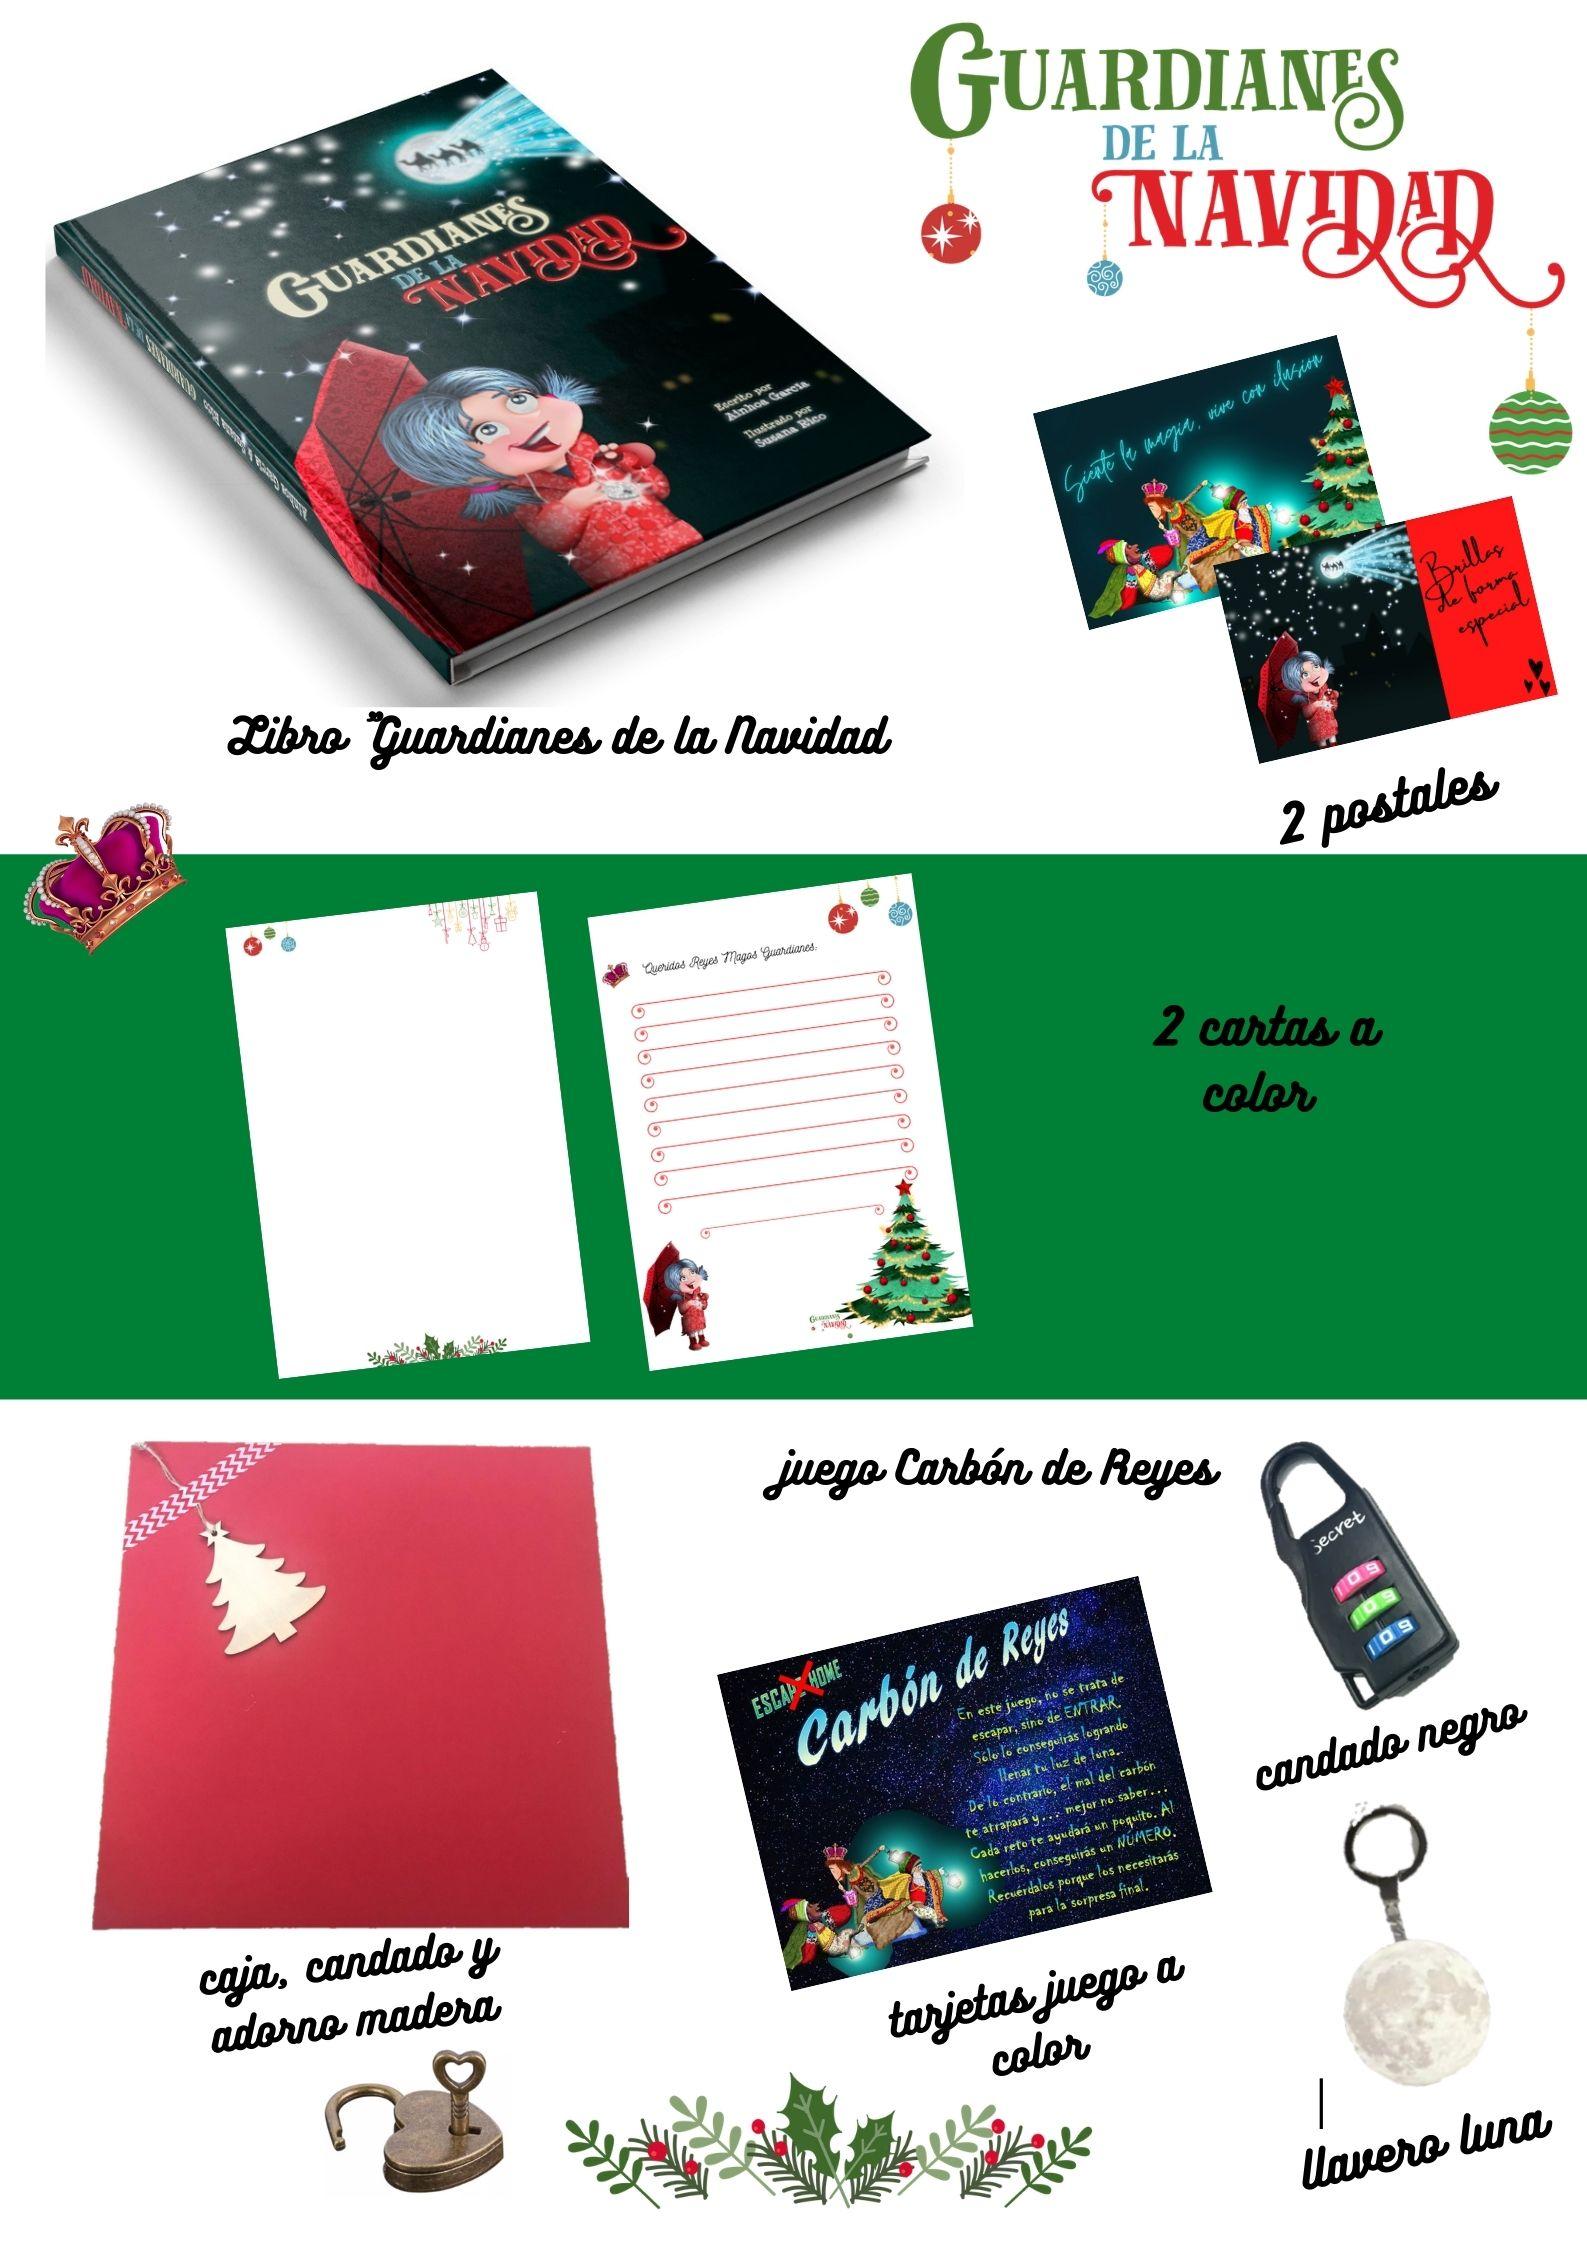 Pack 3: Carbón de Reyes